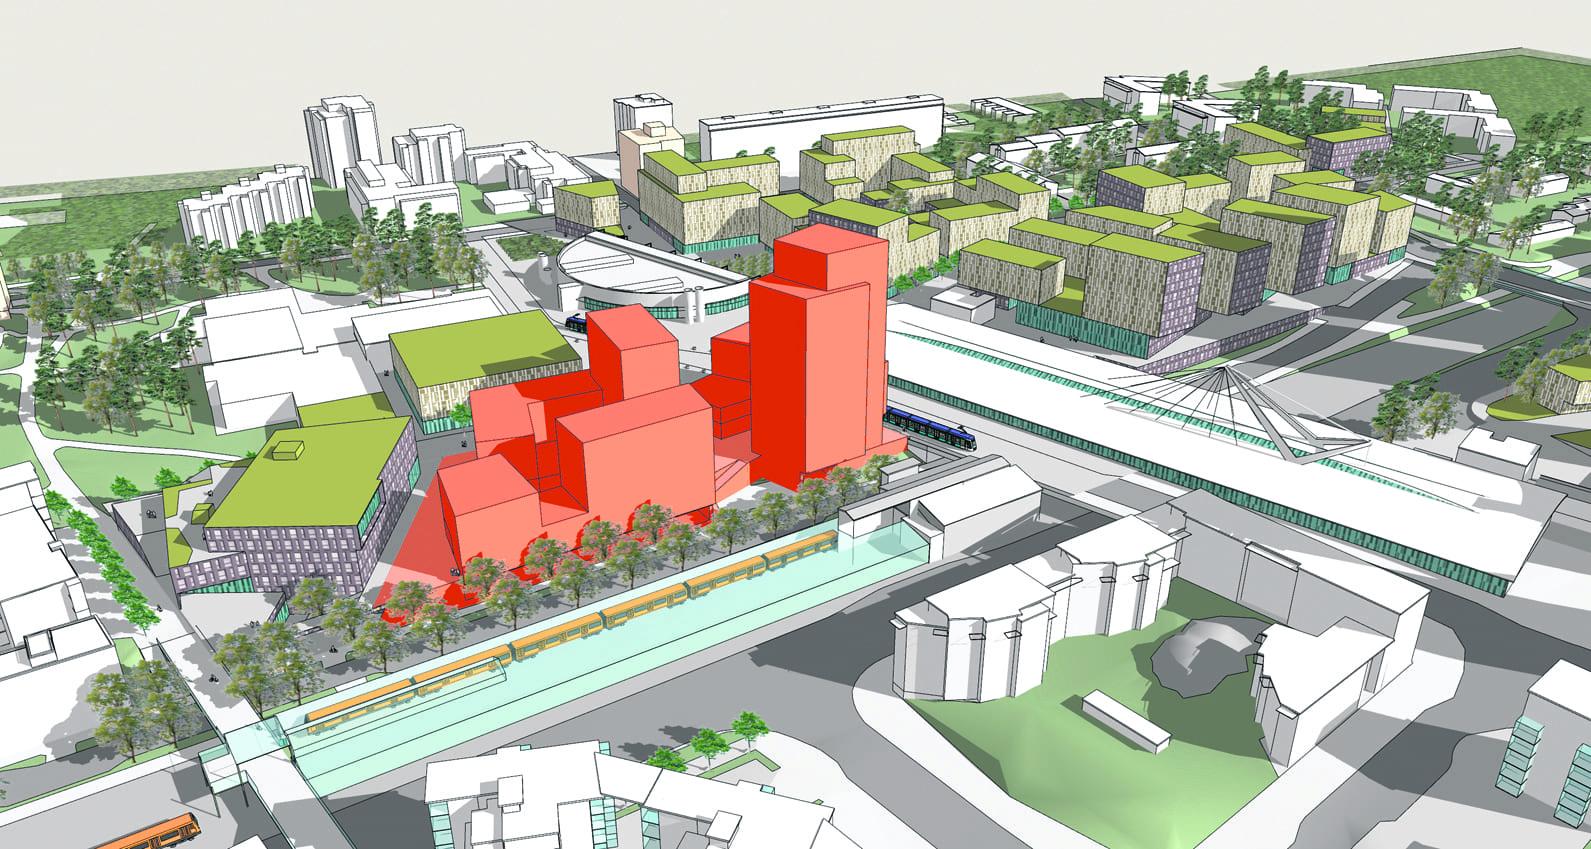 Mosaiikkikortteli tulee Vuosaaren metroaseman, Urheilutalon ja Columbuksen väliin.